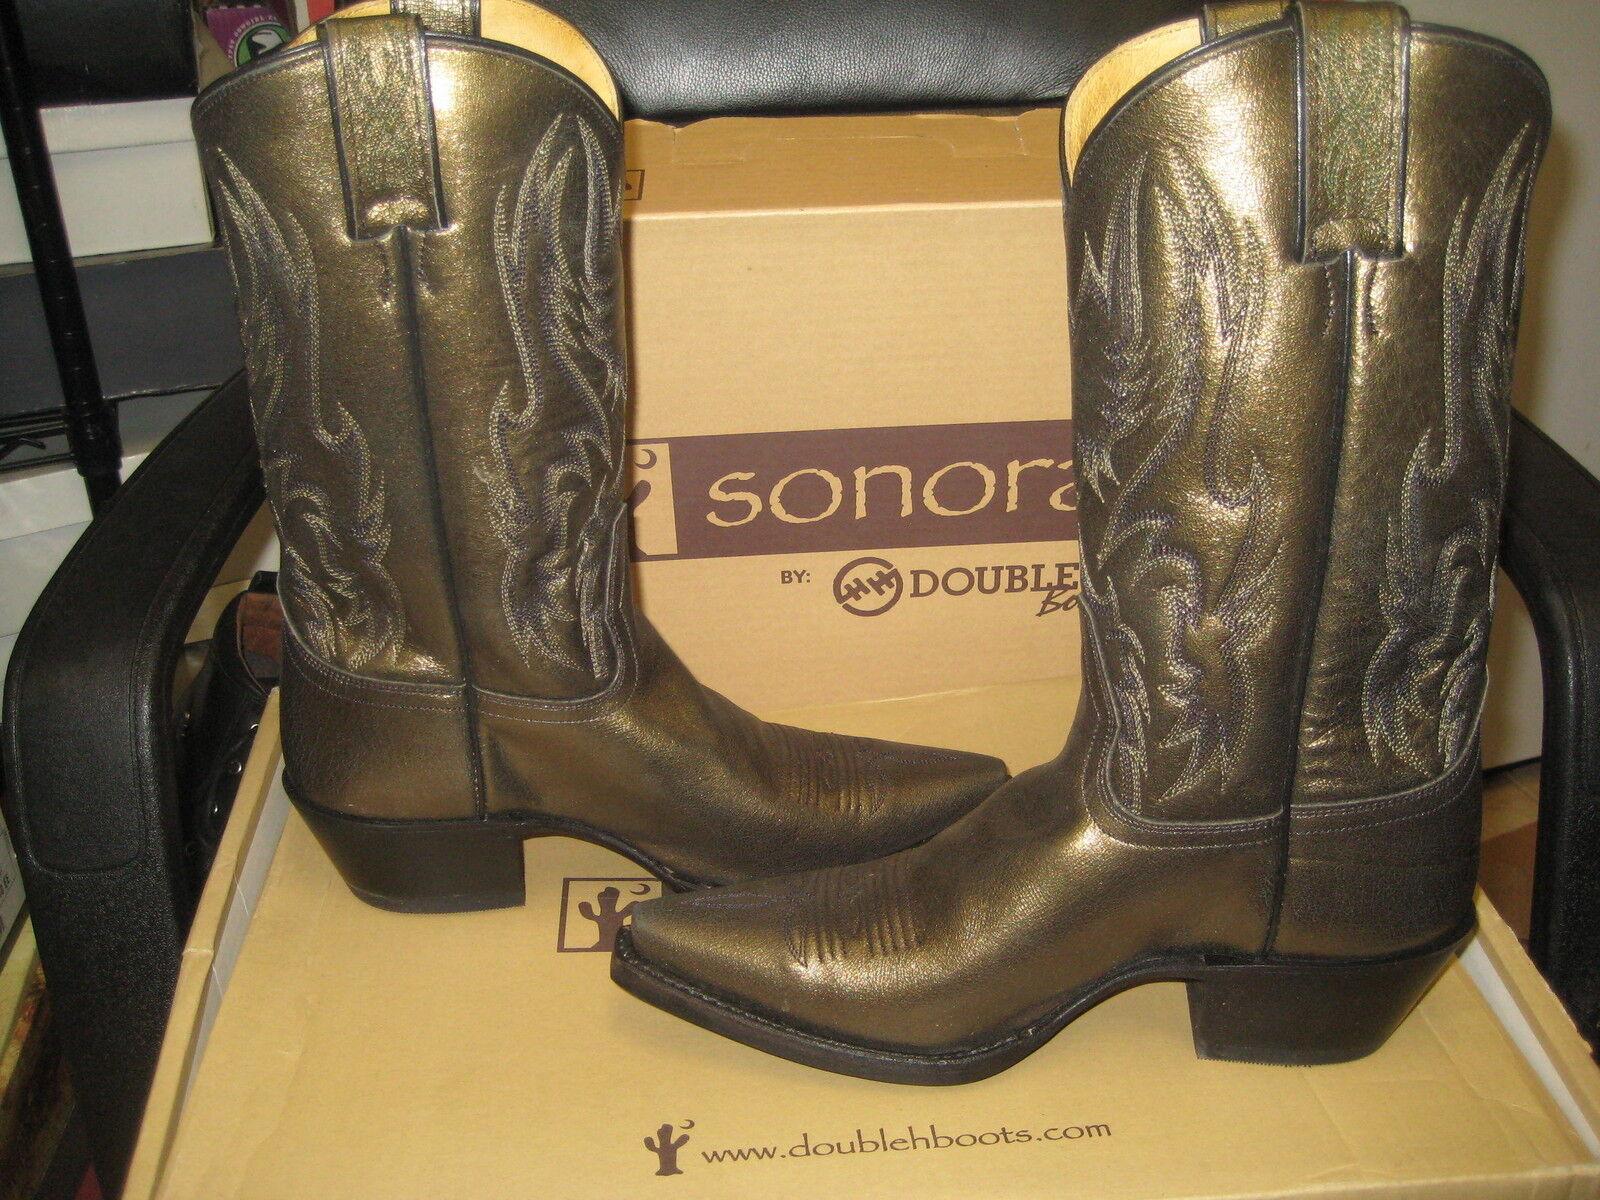 Hh Sonora Para Mujer dh5191 oro negro Tamaño 6.5 6.5 6.5 M Nuevo  venta mundialmente famosa en línea